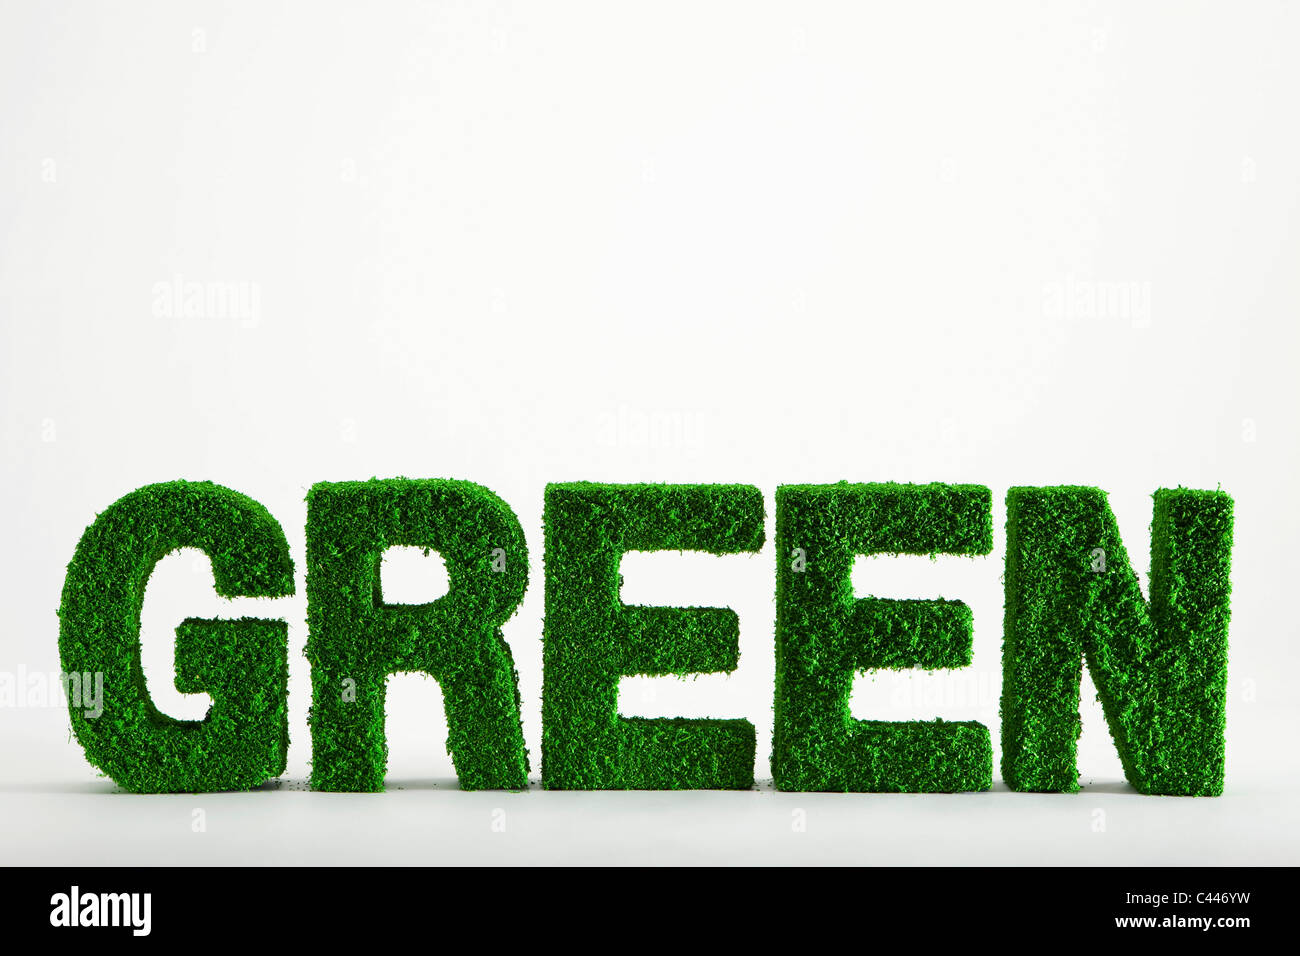 La parola Green ha fatto da erba oggetti coperti Foto Stock